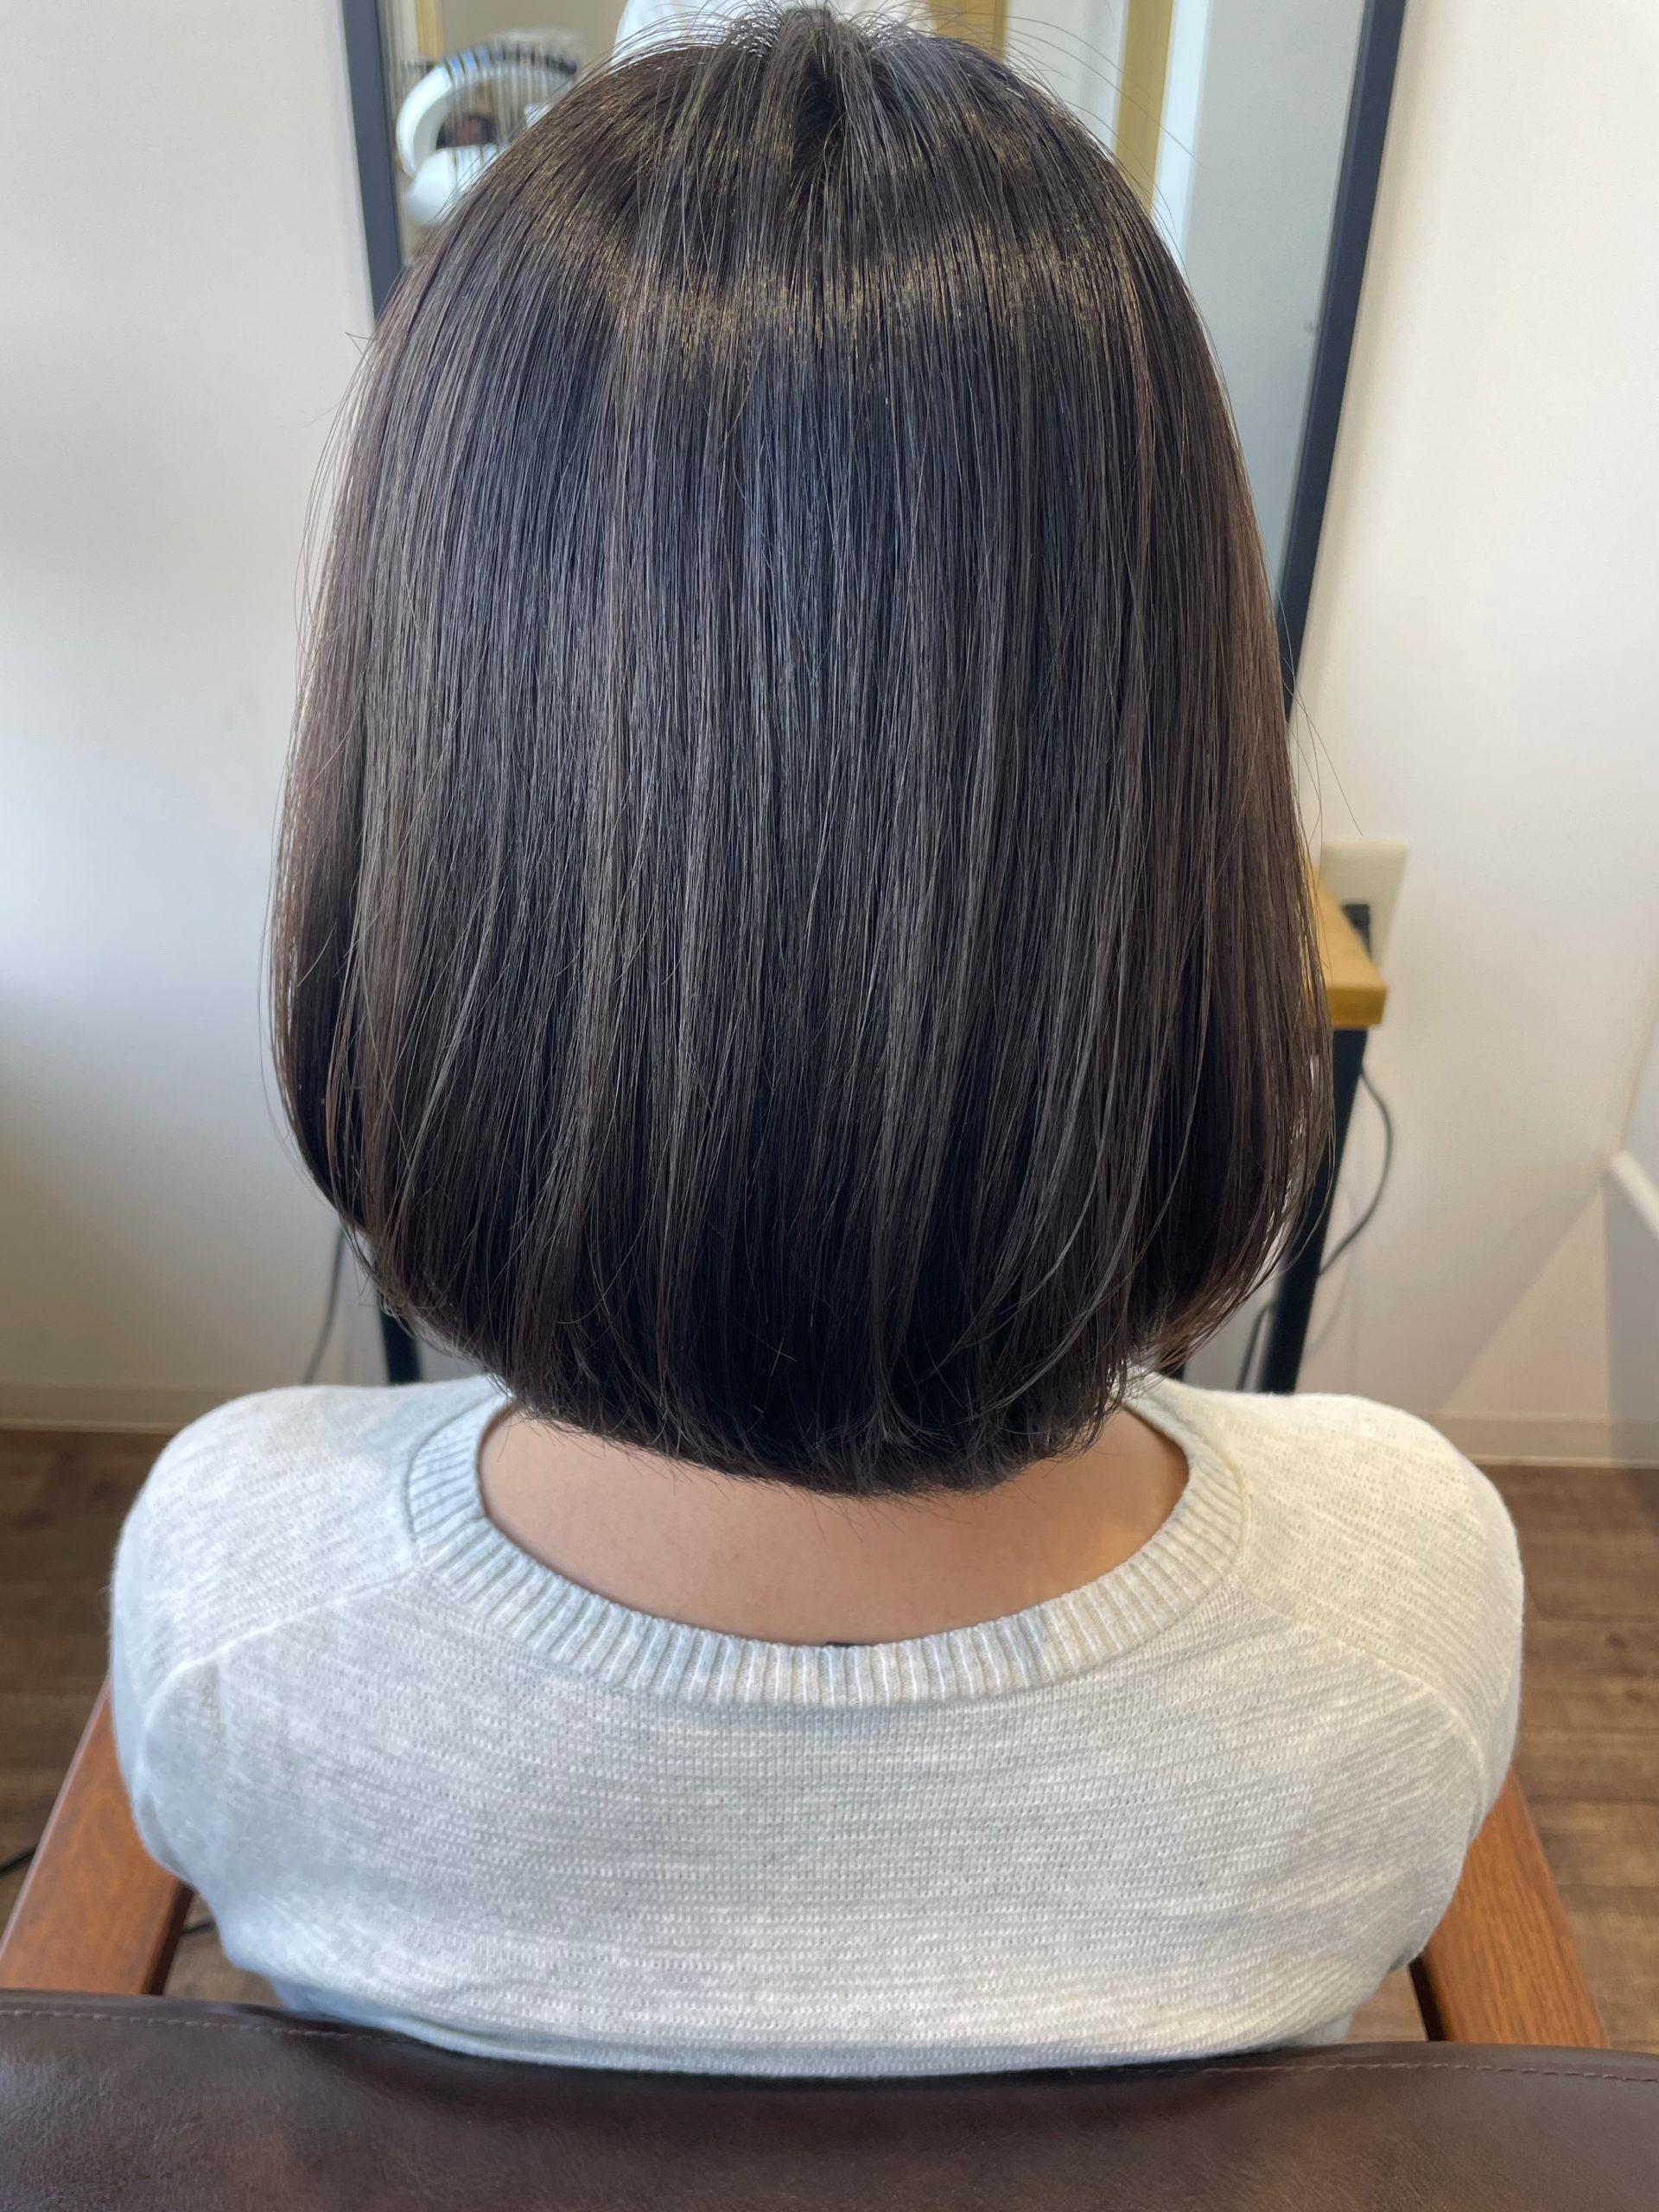 大分県別府市 髪の毛を柔らかく見せたい方にオススメな透明感グレージュのヘアカラー アフター